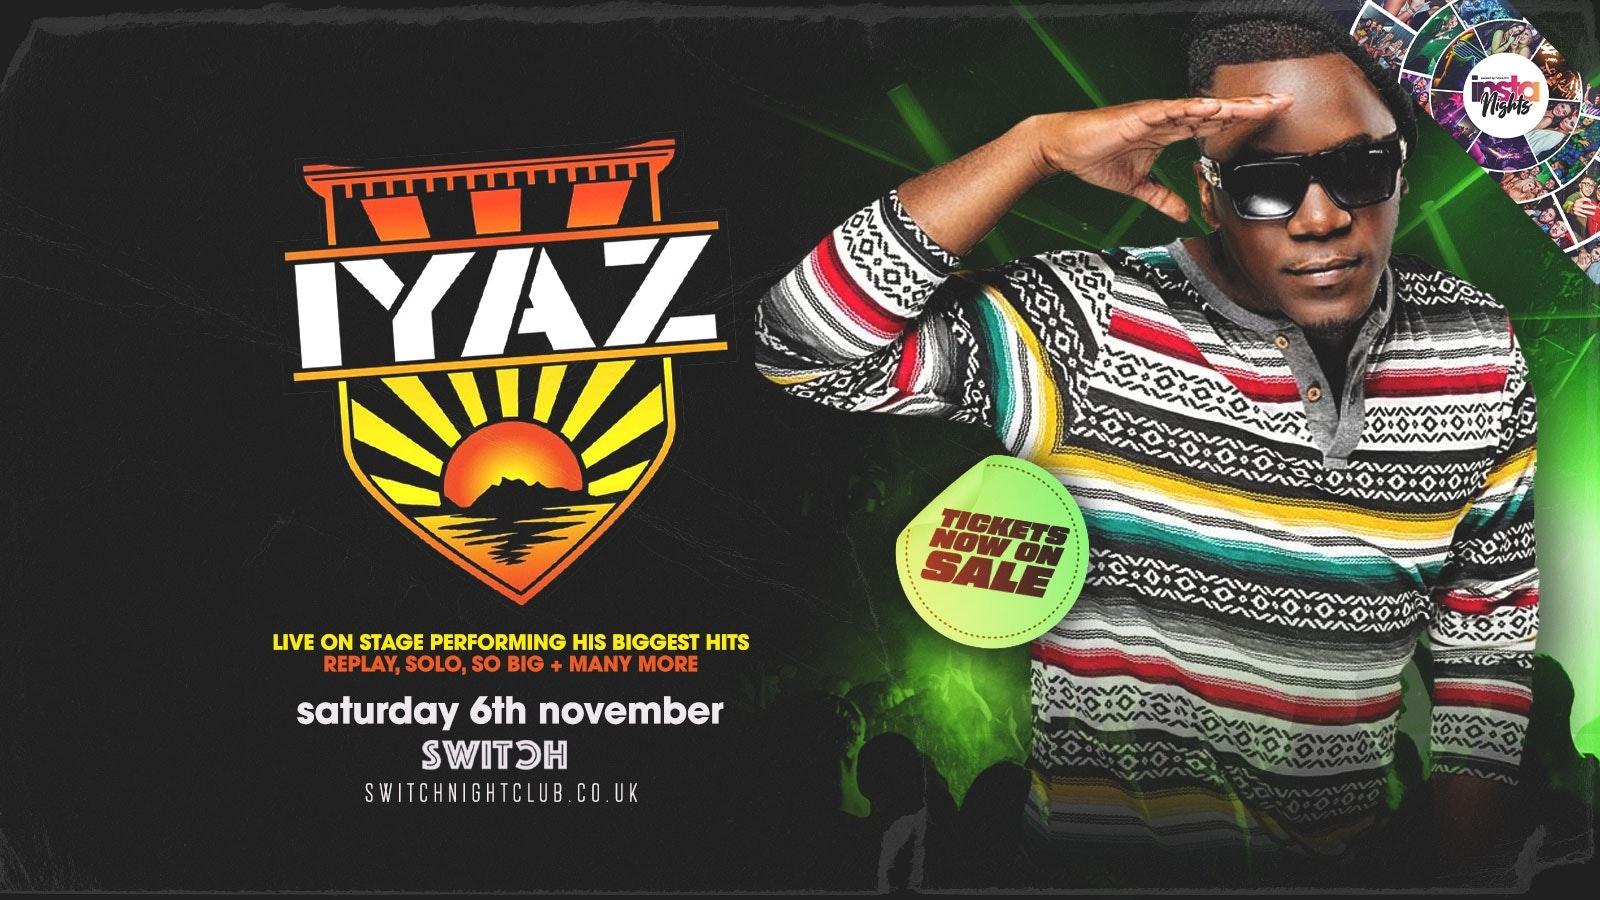 SWITCH Saturdays   IYAZ Live on Stage